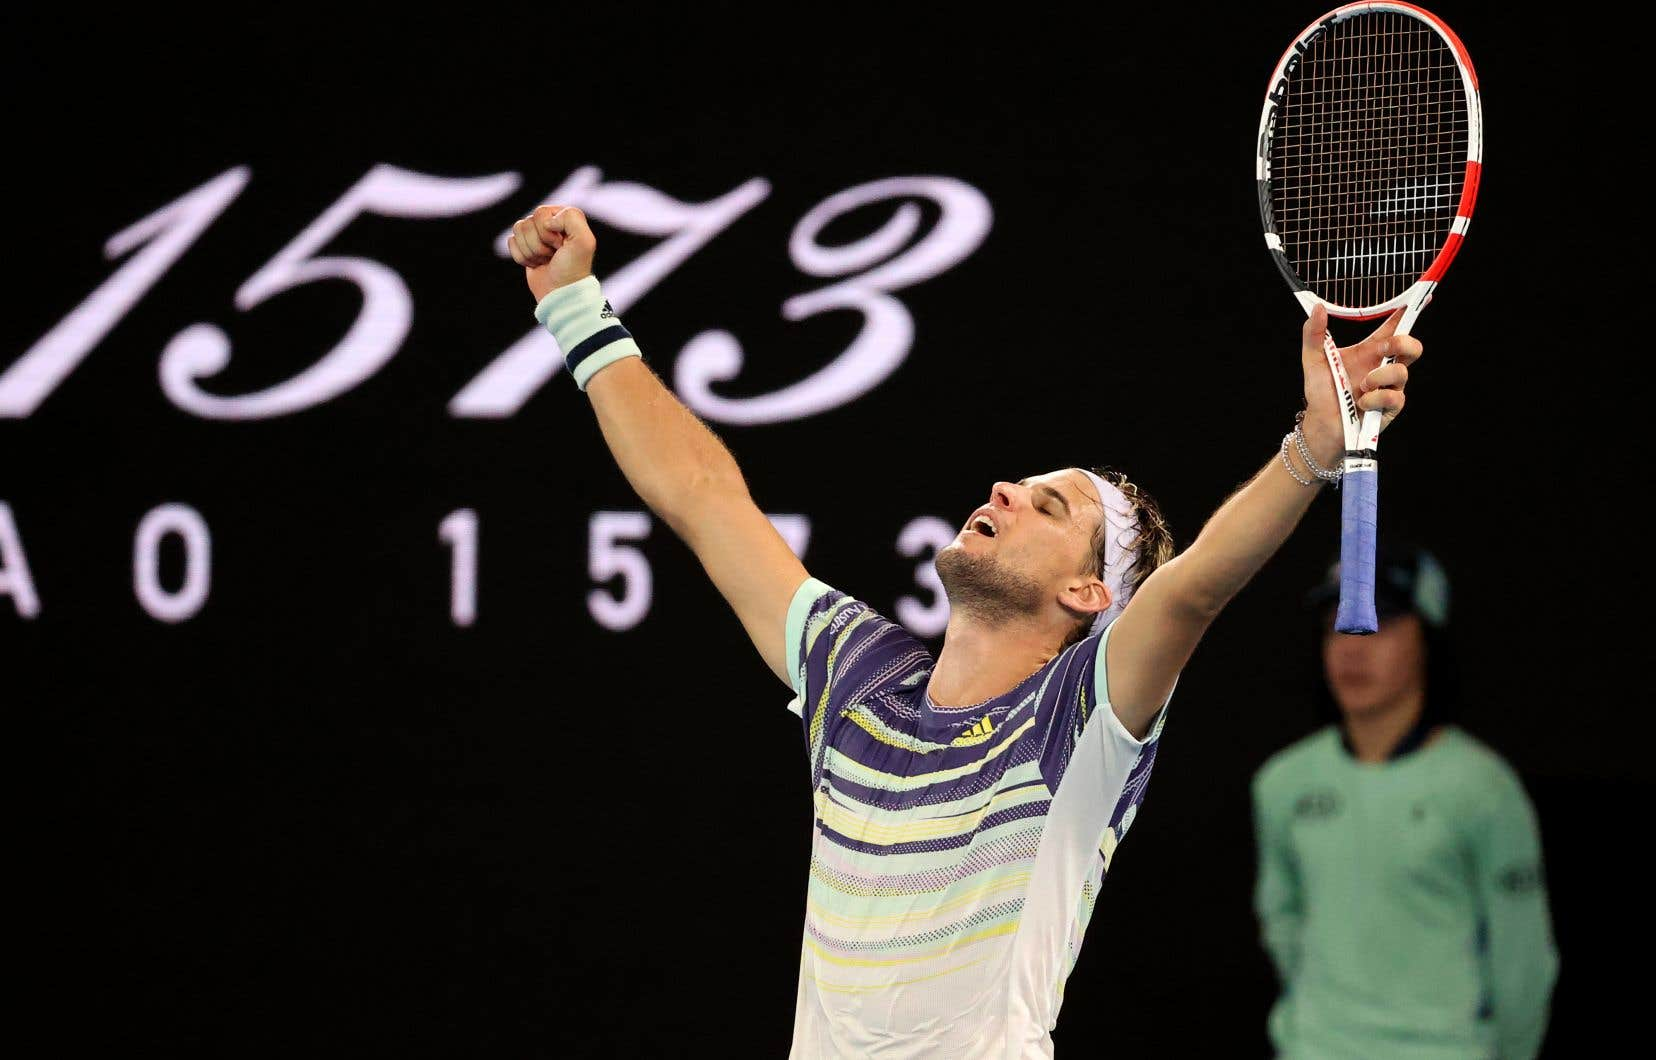 Thiem a mis quatre heures et 10 minutes pour venir à bout de Nadal 7-6 (3), 7-6 (4), 4-6 et 7-6 (6).